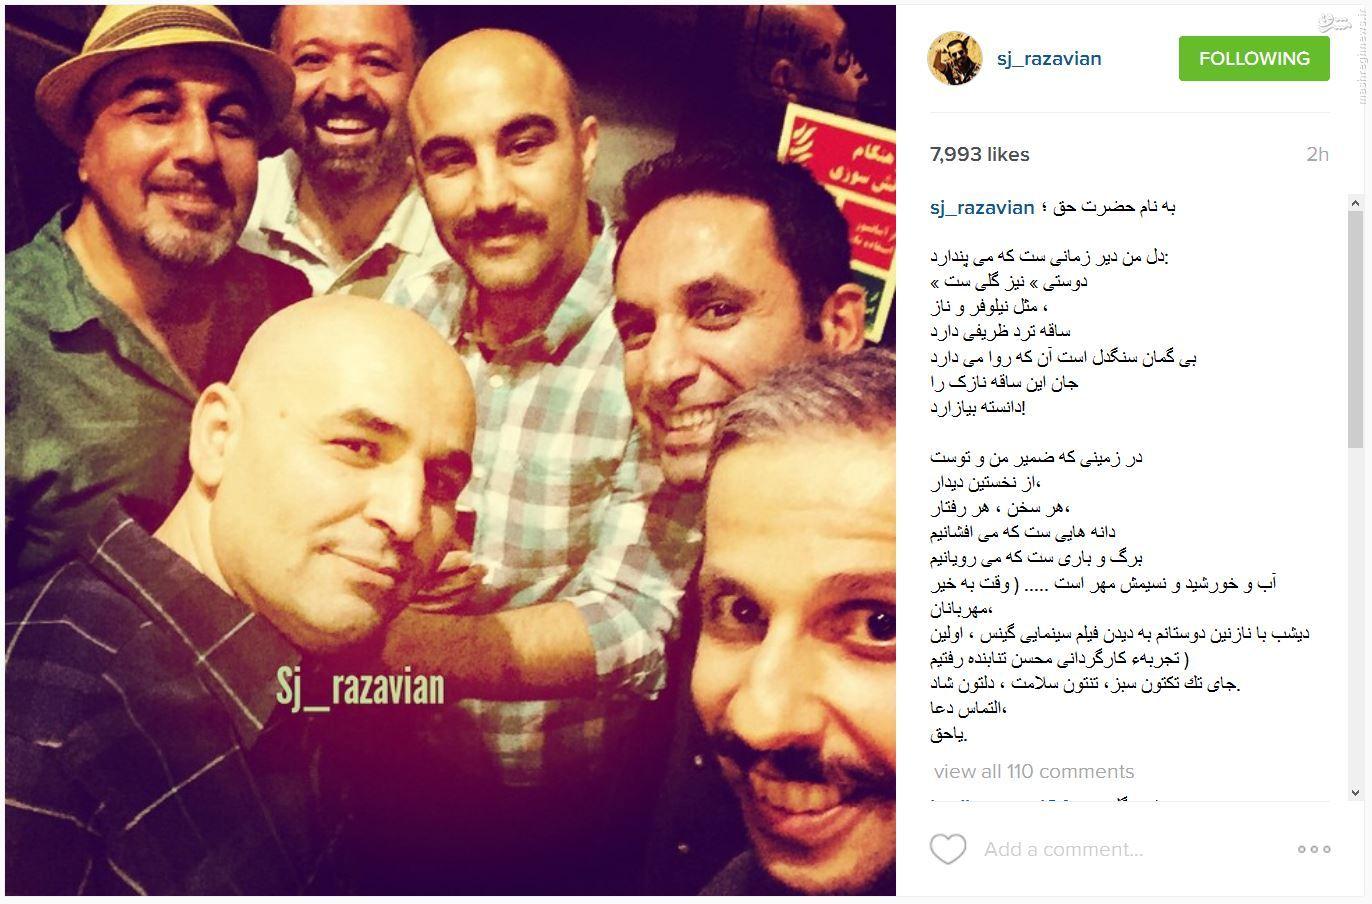 سلفی جواد رضویان، محسن تنابنده و رضاعطاران+عکس